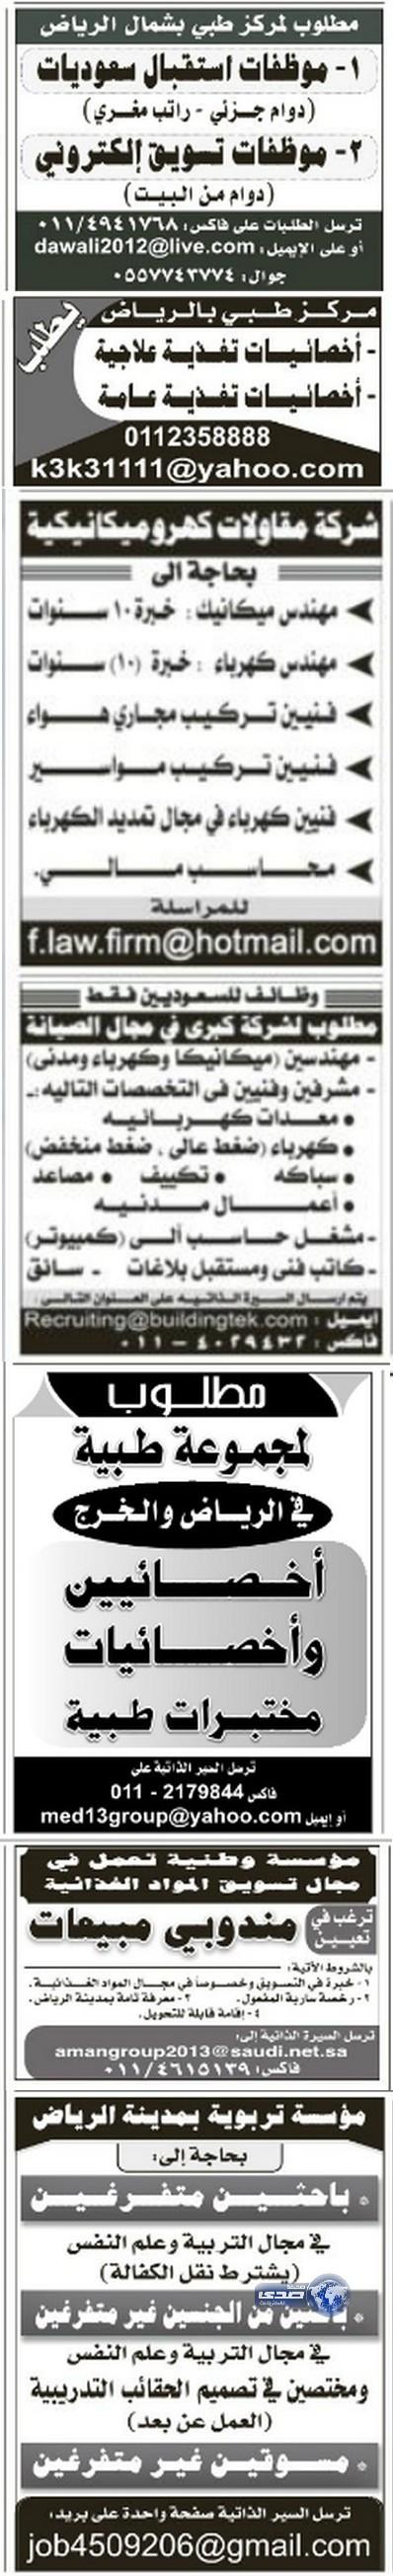 وظائف رجالية اليوم 19-5-1435 ، وظائف شبابية الخميس 20-3-2014